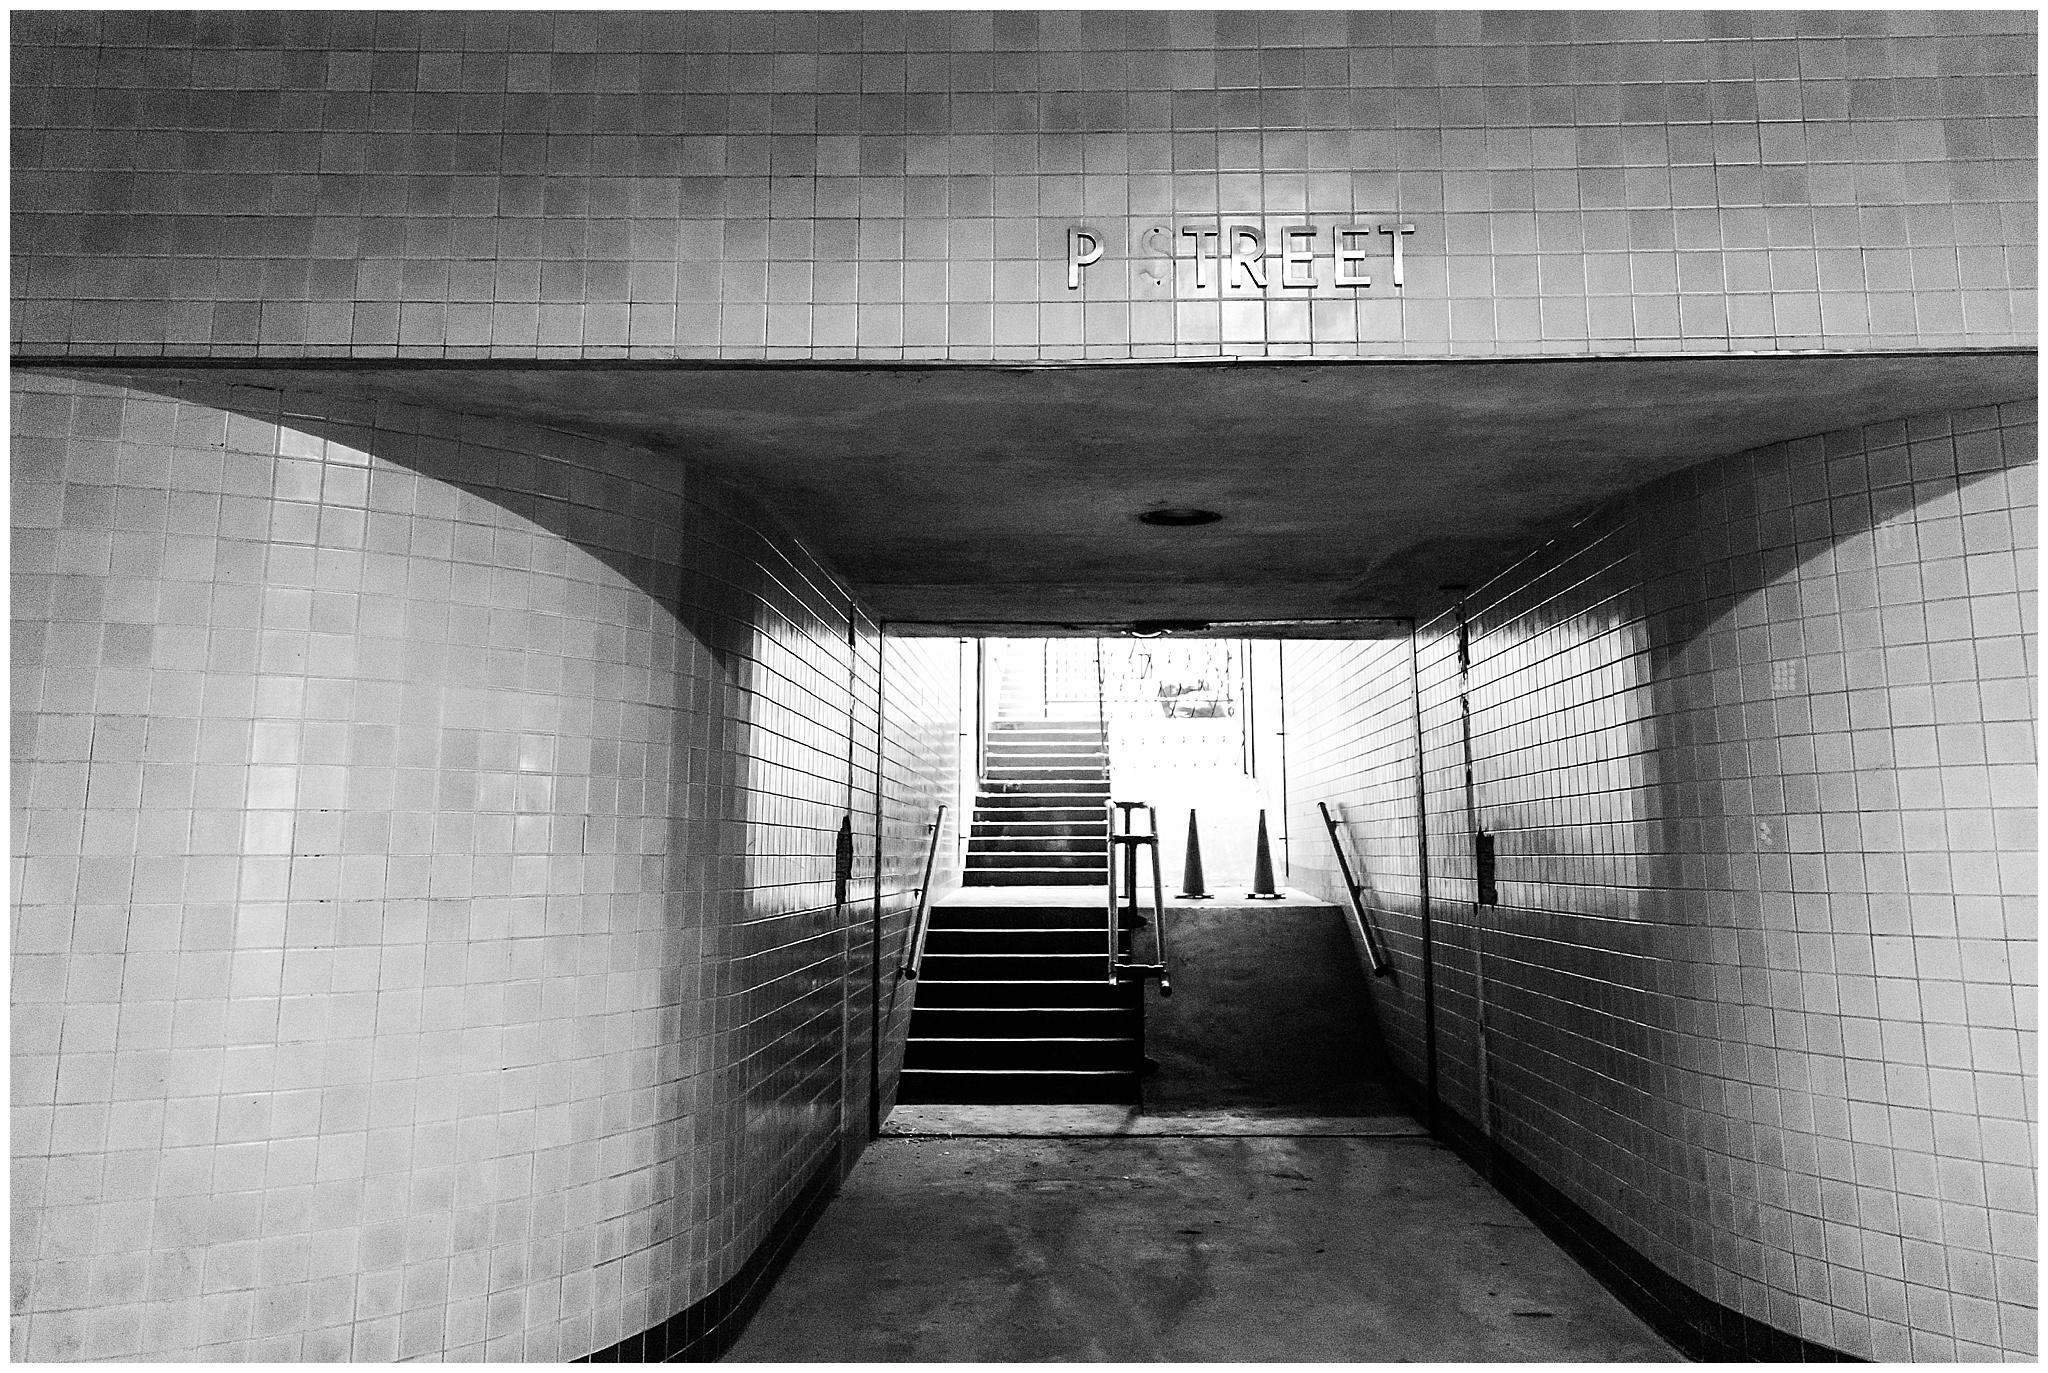 dupont_underground_0054.jpg